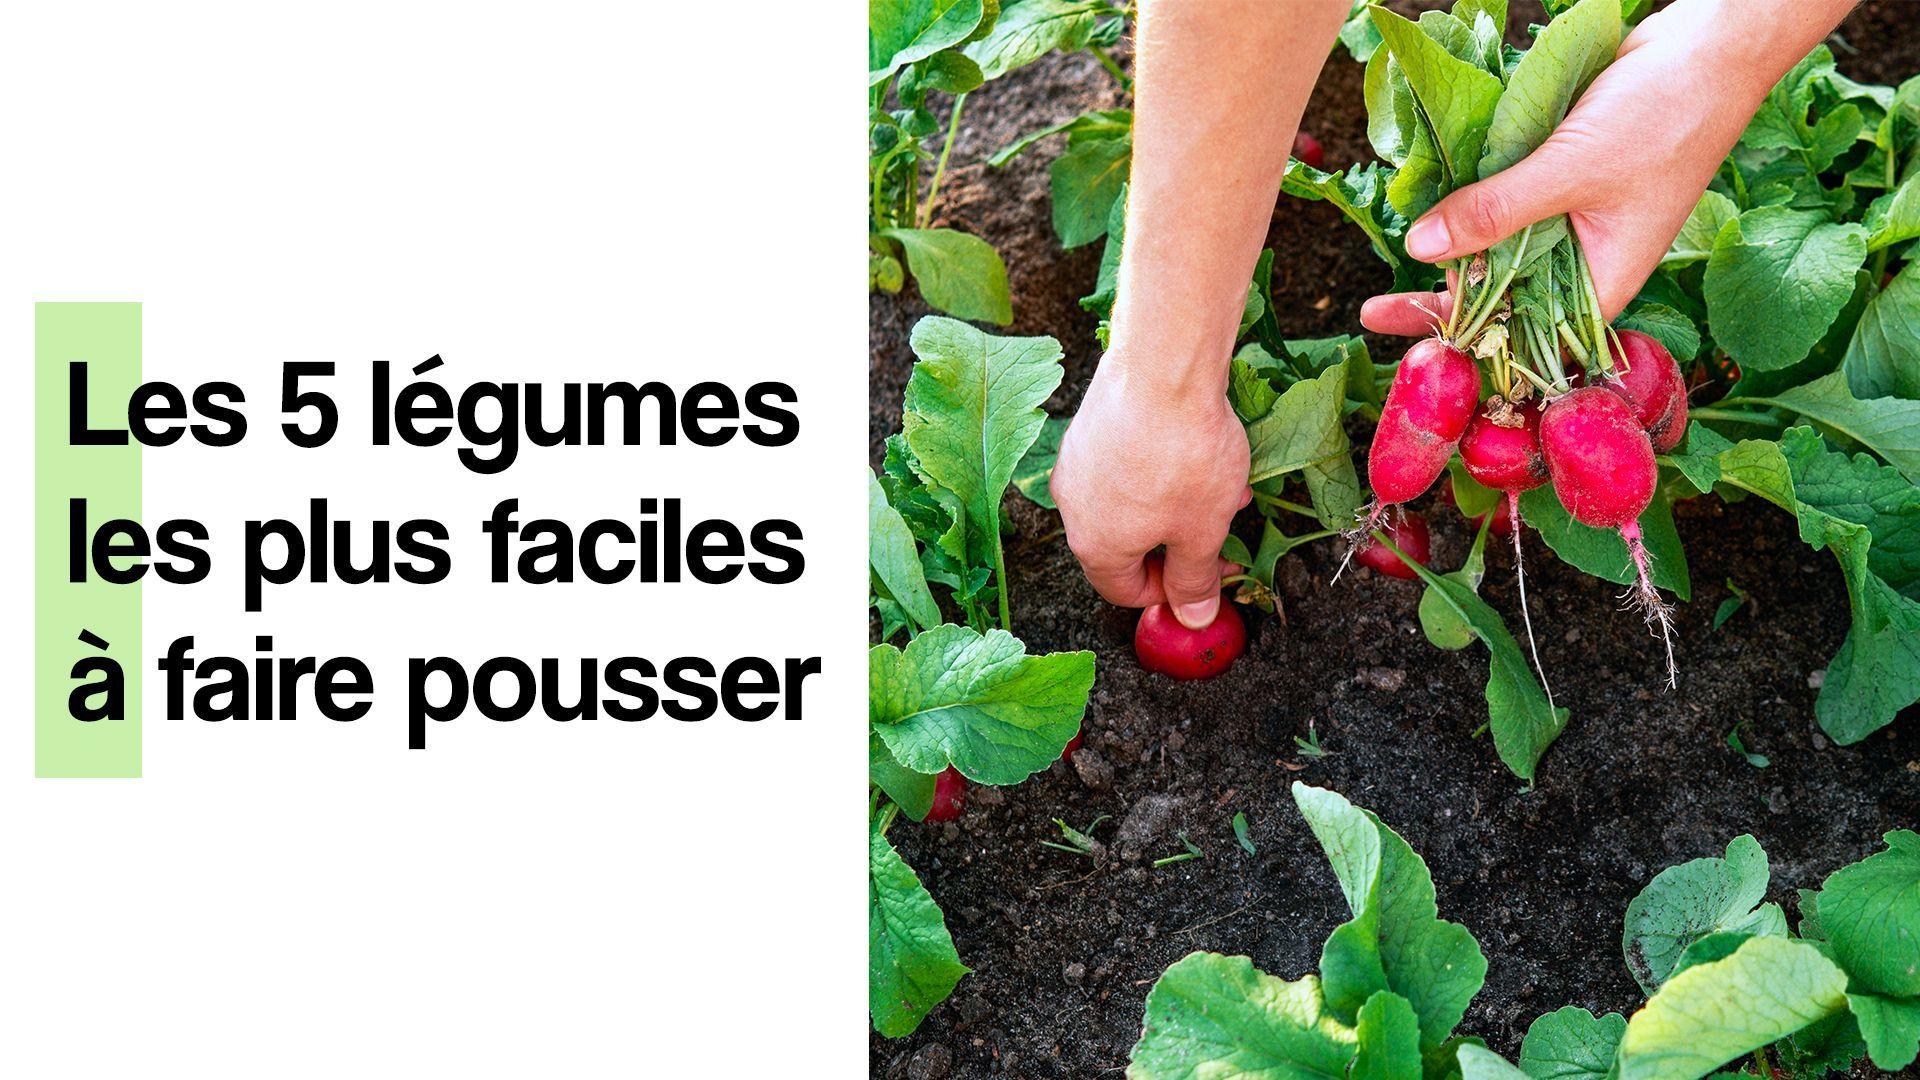 Les 5 légumes les plus faciles à faire pousser